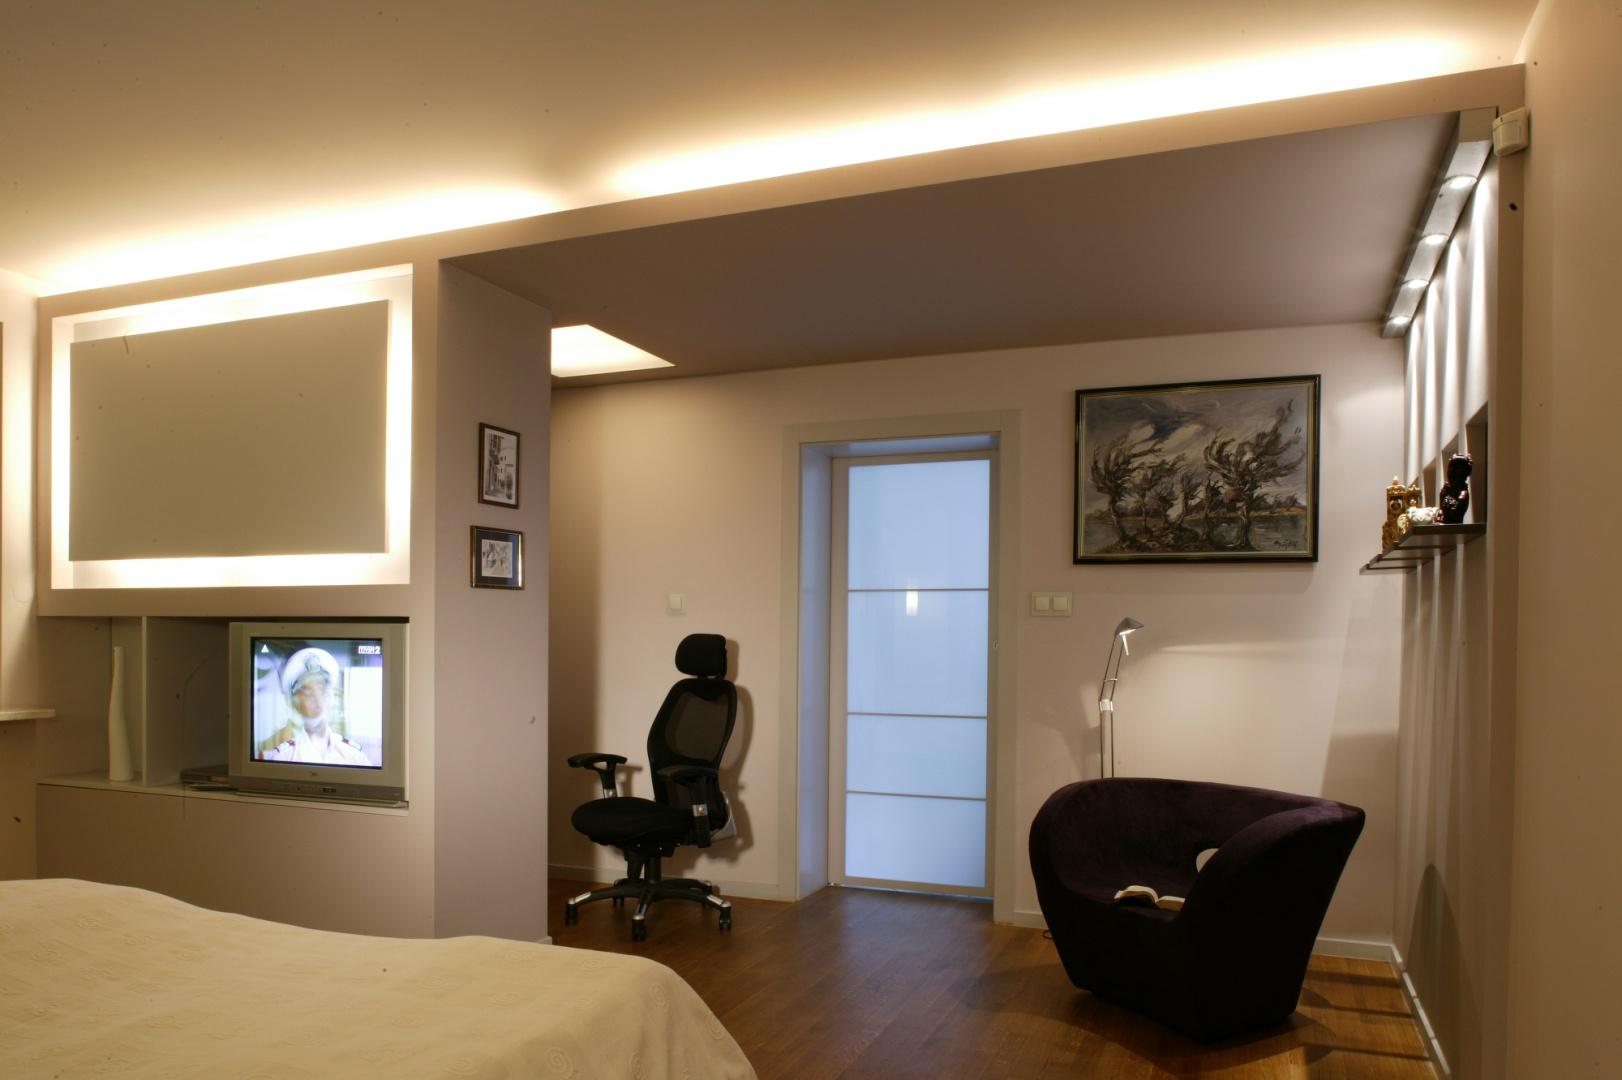 Gdy trzeba, sypialnia może służyć jako miejsce rozrywki (z łóżka można oglądać filmy), ale także i pracy (minigabinet zaaranżowano za ścianką). Uwagę zwraca oświetlenie. Światło sączy się z lampek umieszczonych w podwieszanym suficie. Fot. Monika Filipiuk.